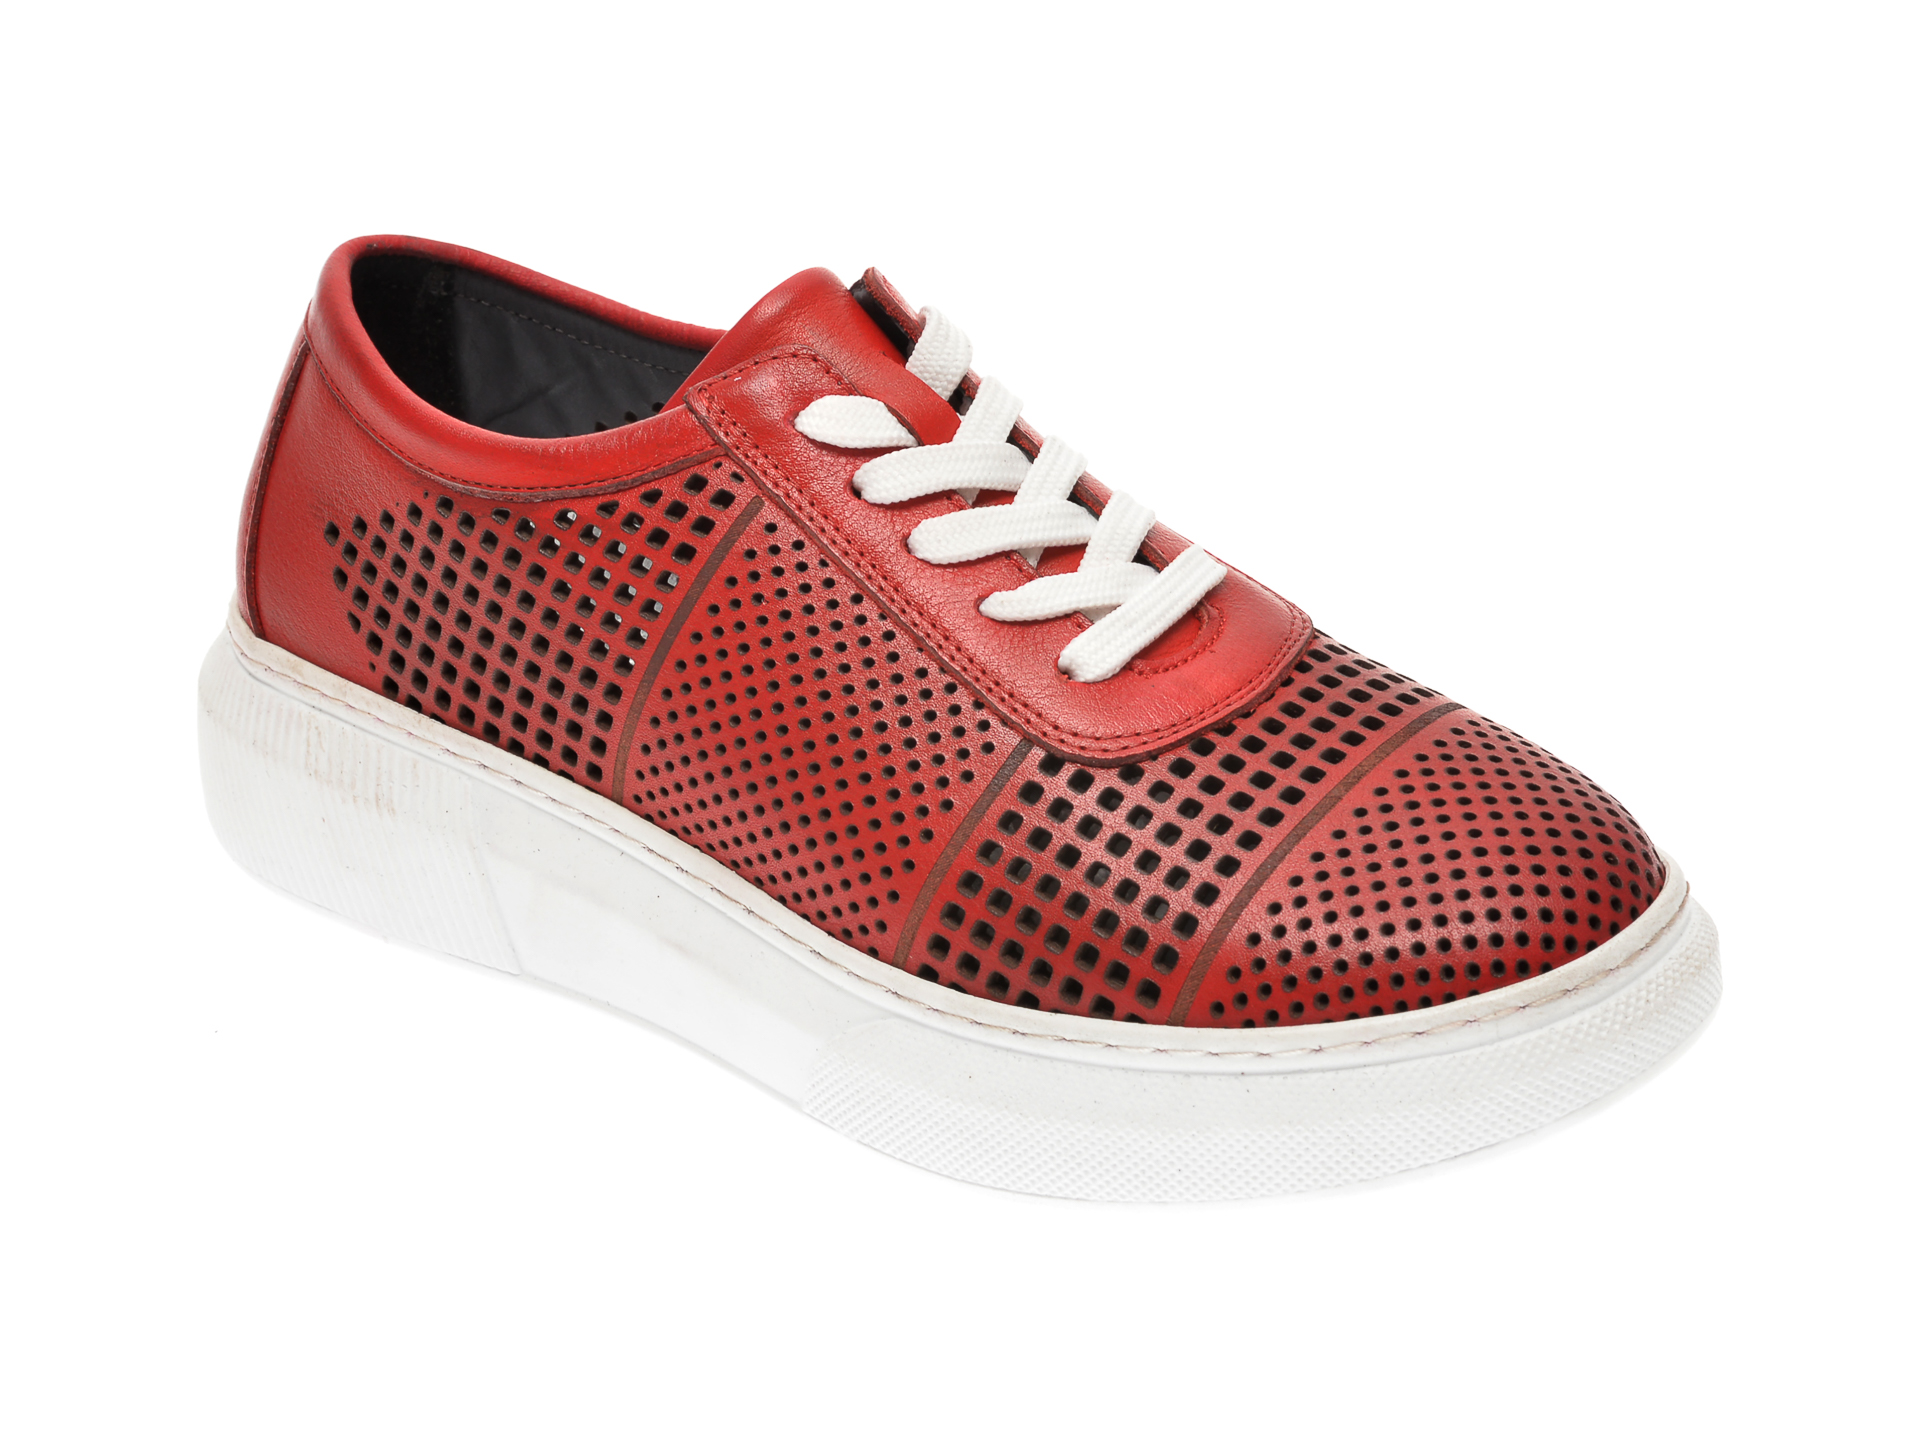 Pantofi PASS COLLECTION rosii, K21, din piele naturala